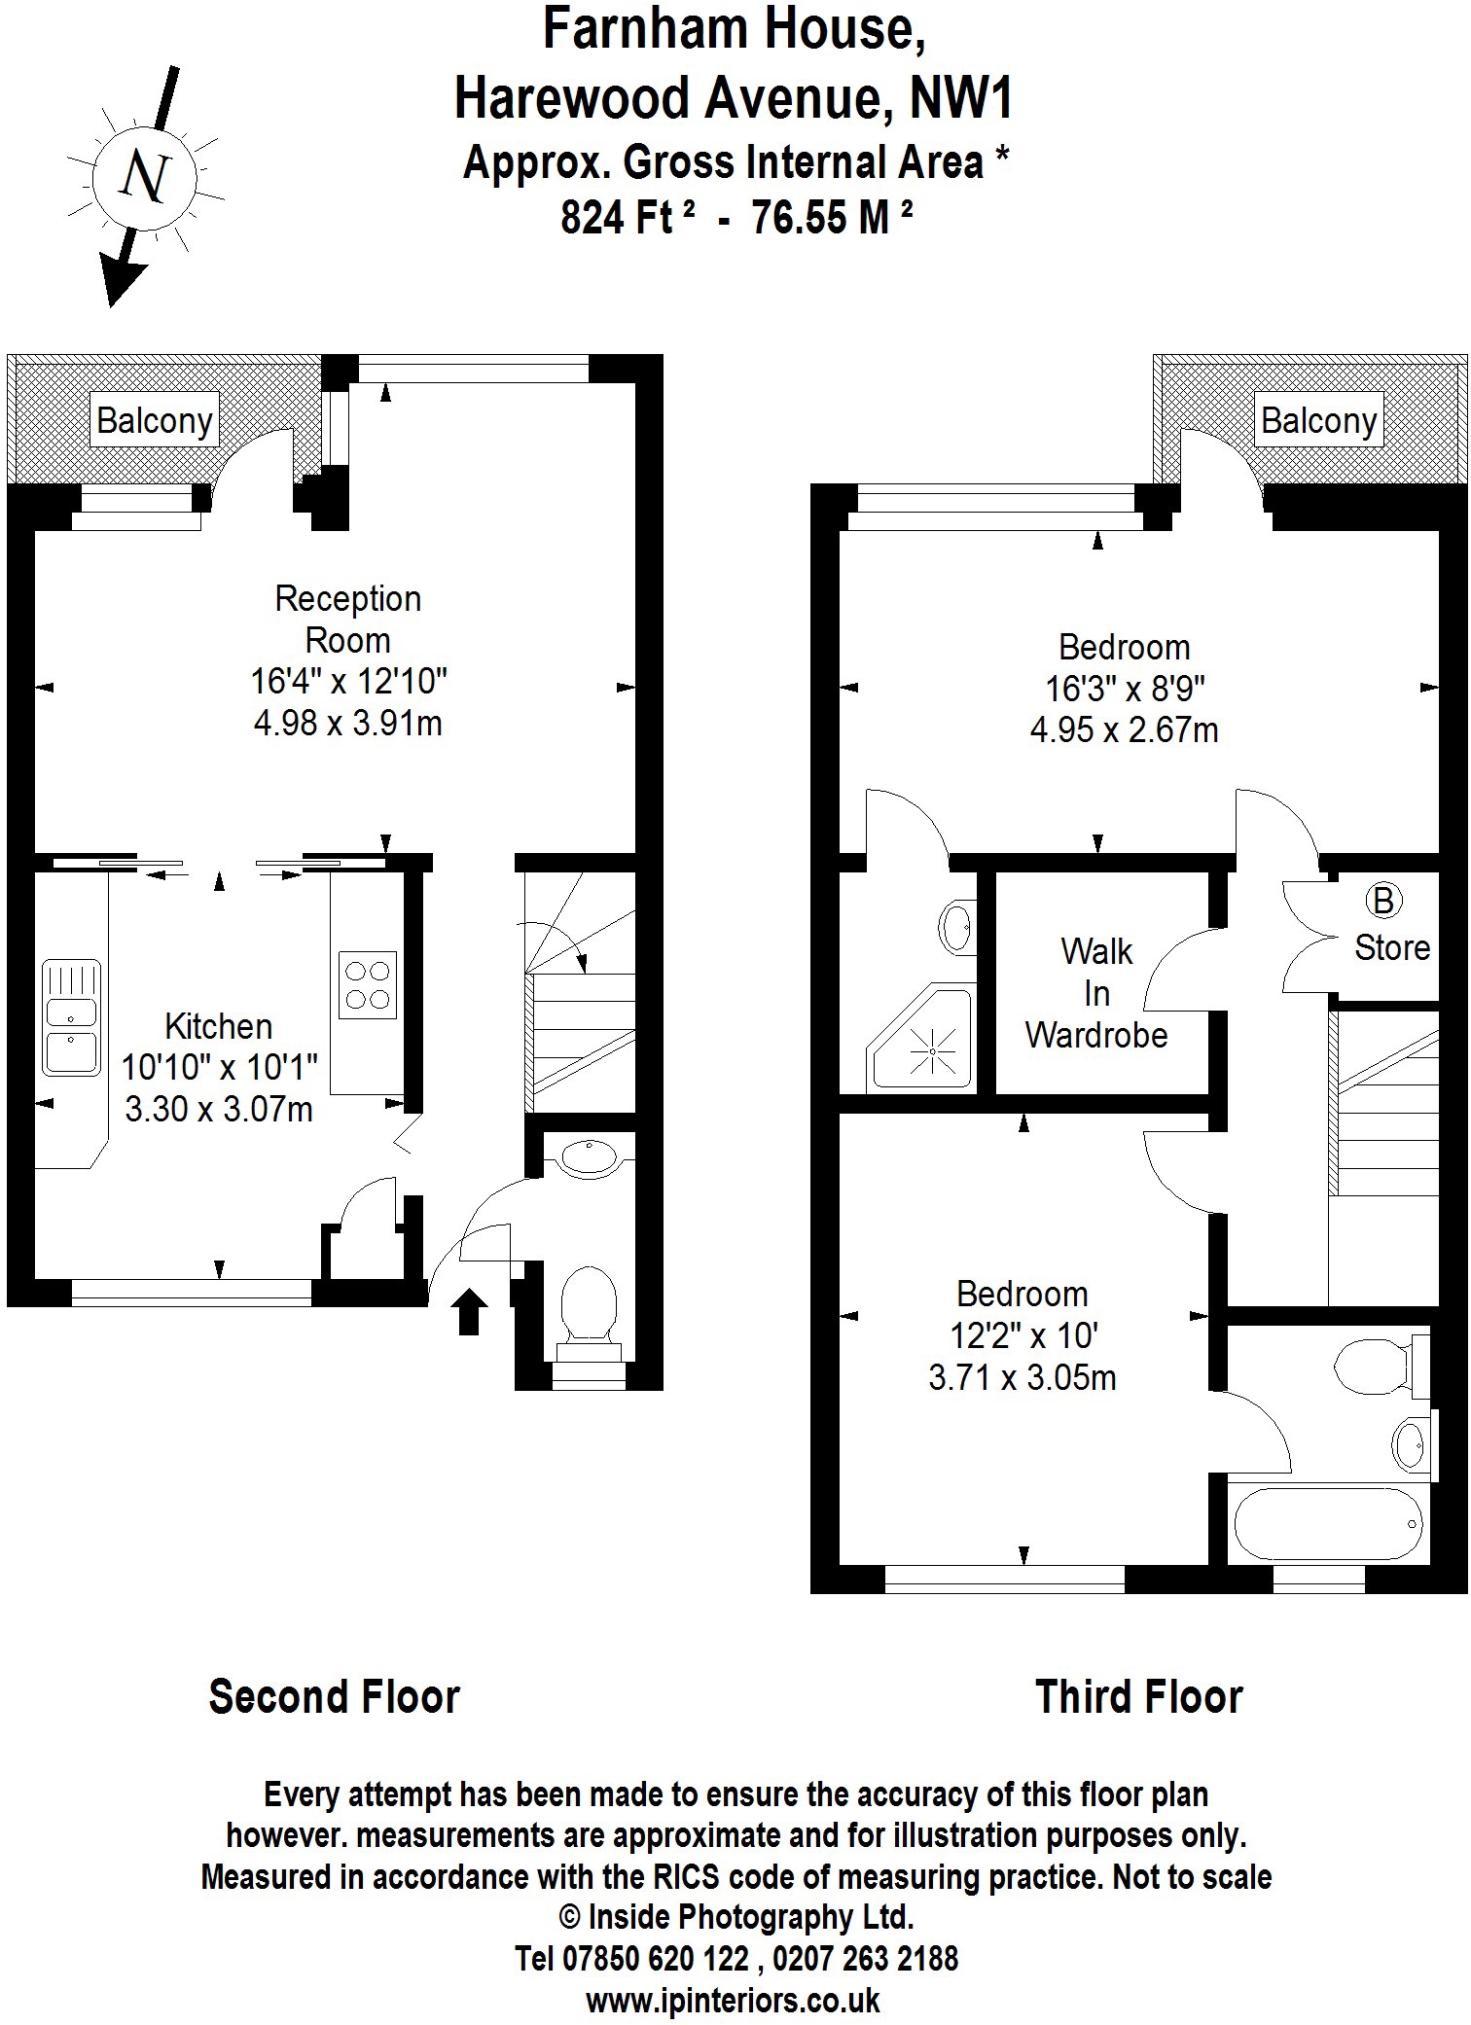 2 bedroom maisonette for sale in Farnham House Harewood Avenue – Harewood House Floor Plan